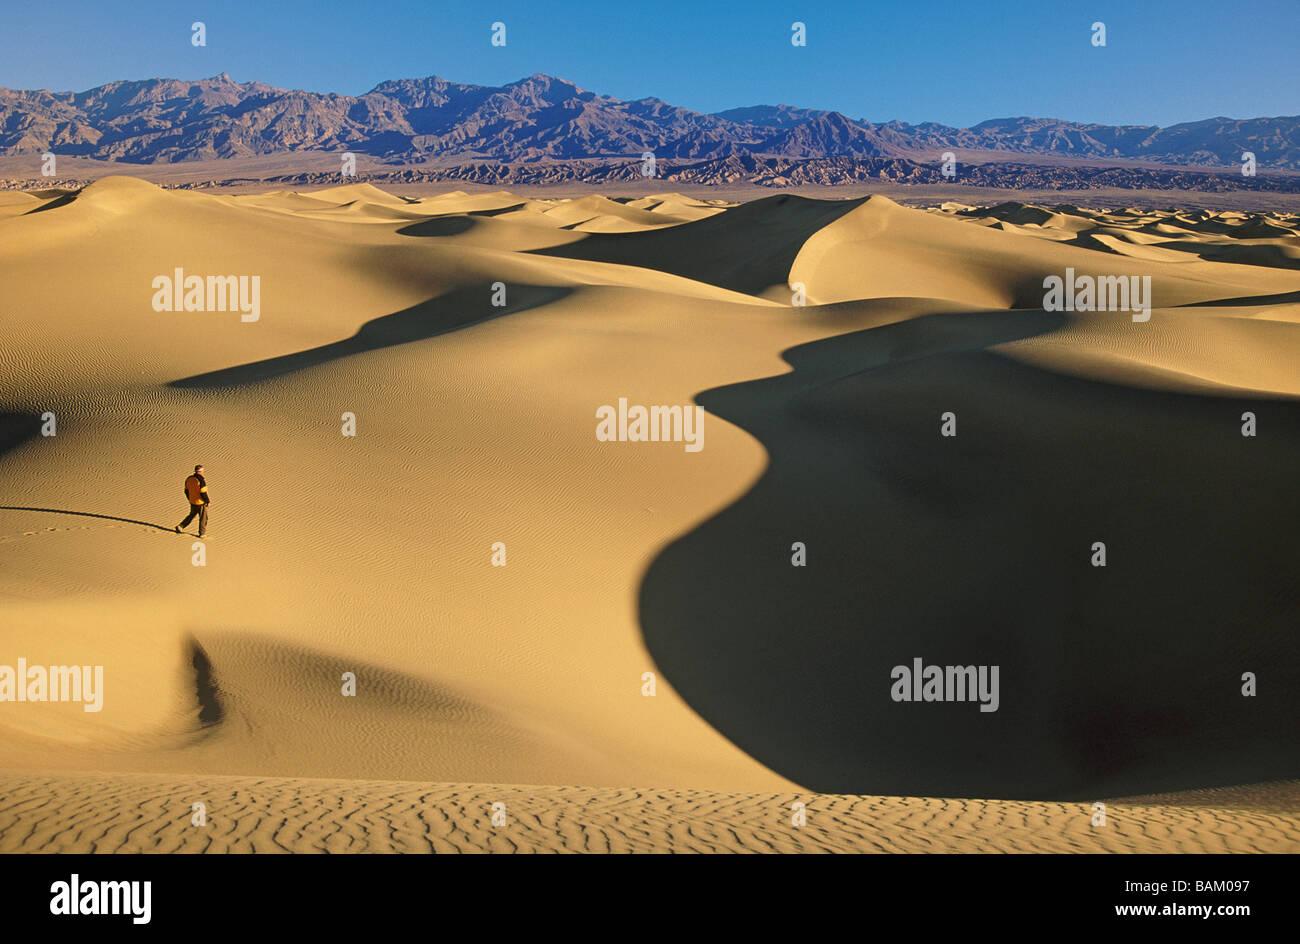 Randonneur sur mesquite sand dunes Banque D'Images